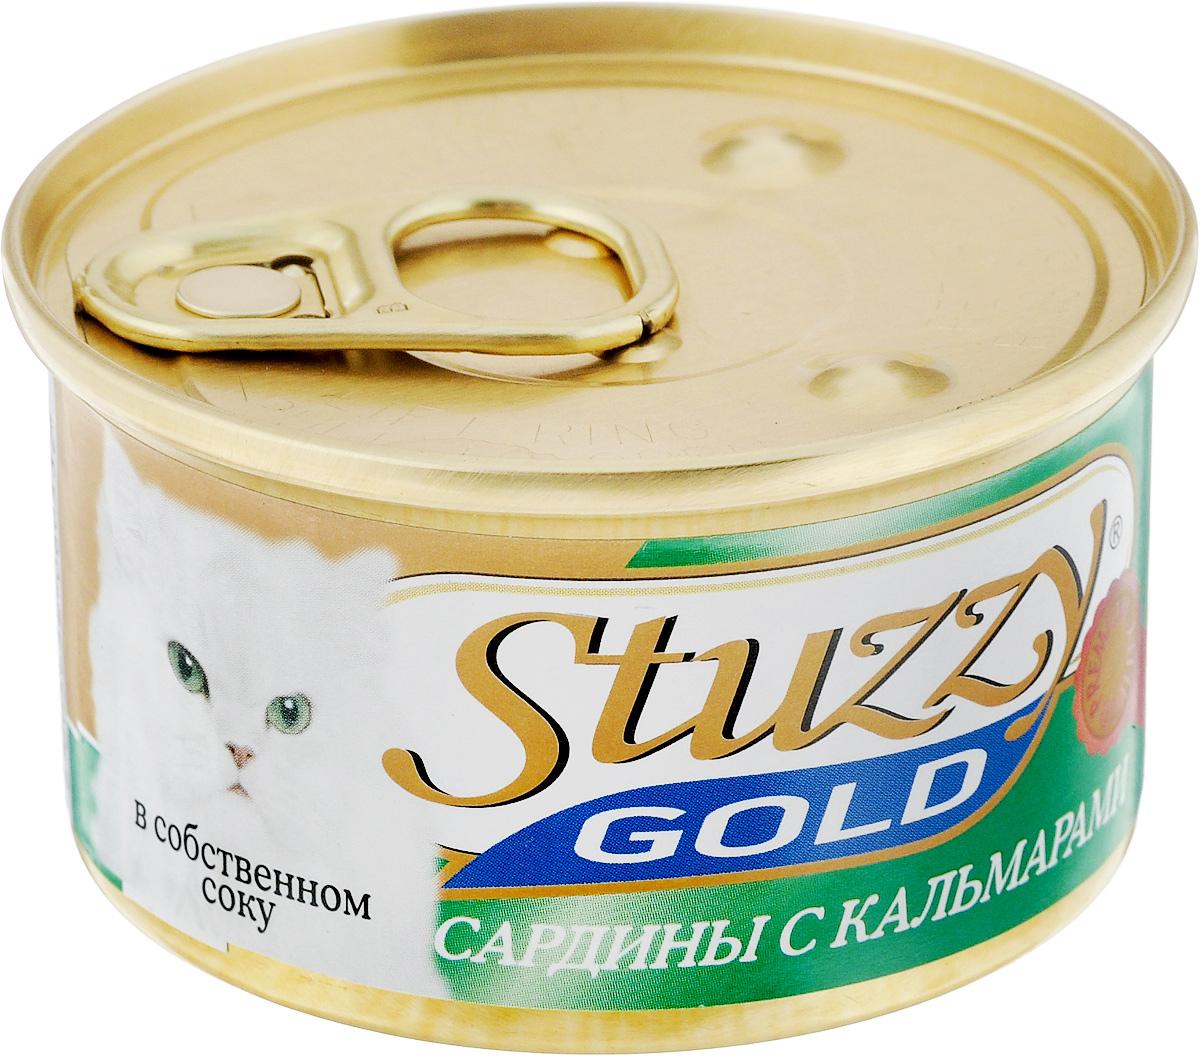 Консервы для взрослых кошек Stuzzy Gold, сардины с кальмарами в собственном соку, 85 г0120710Консервы для кошек Stuzzy Gold - это дополнительный рацион для взрослых кошек. Корм обогащен таурином и витамином Е для поддержания правильной работы сердца и иммунной системы. Инулин обеспечивает всасывание питательных веществ, а биотин способствуют великолепному внешнему виду кожи и шерсти. Корм приготовлен на пару, не содержит красителей и консервантов. Состав: субпродукты морепродуктов: сардины 57,6%, кальмары 4,7%, креветки 2,4%, мидии 0,9%.Питательная ценность: белок 11,2%, жир 2,8%, клетчатка 0,1%, зола 2,6%, влажность 82%.Питательные добавки (на кг): витамин А 1325 МЕ, витамин D3 110 МЕ, витамин Е 15 мг,таурин 160 мг.Товар сертифицирован.